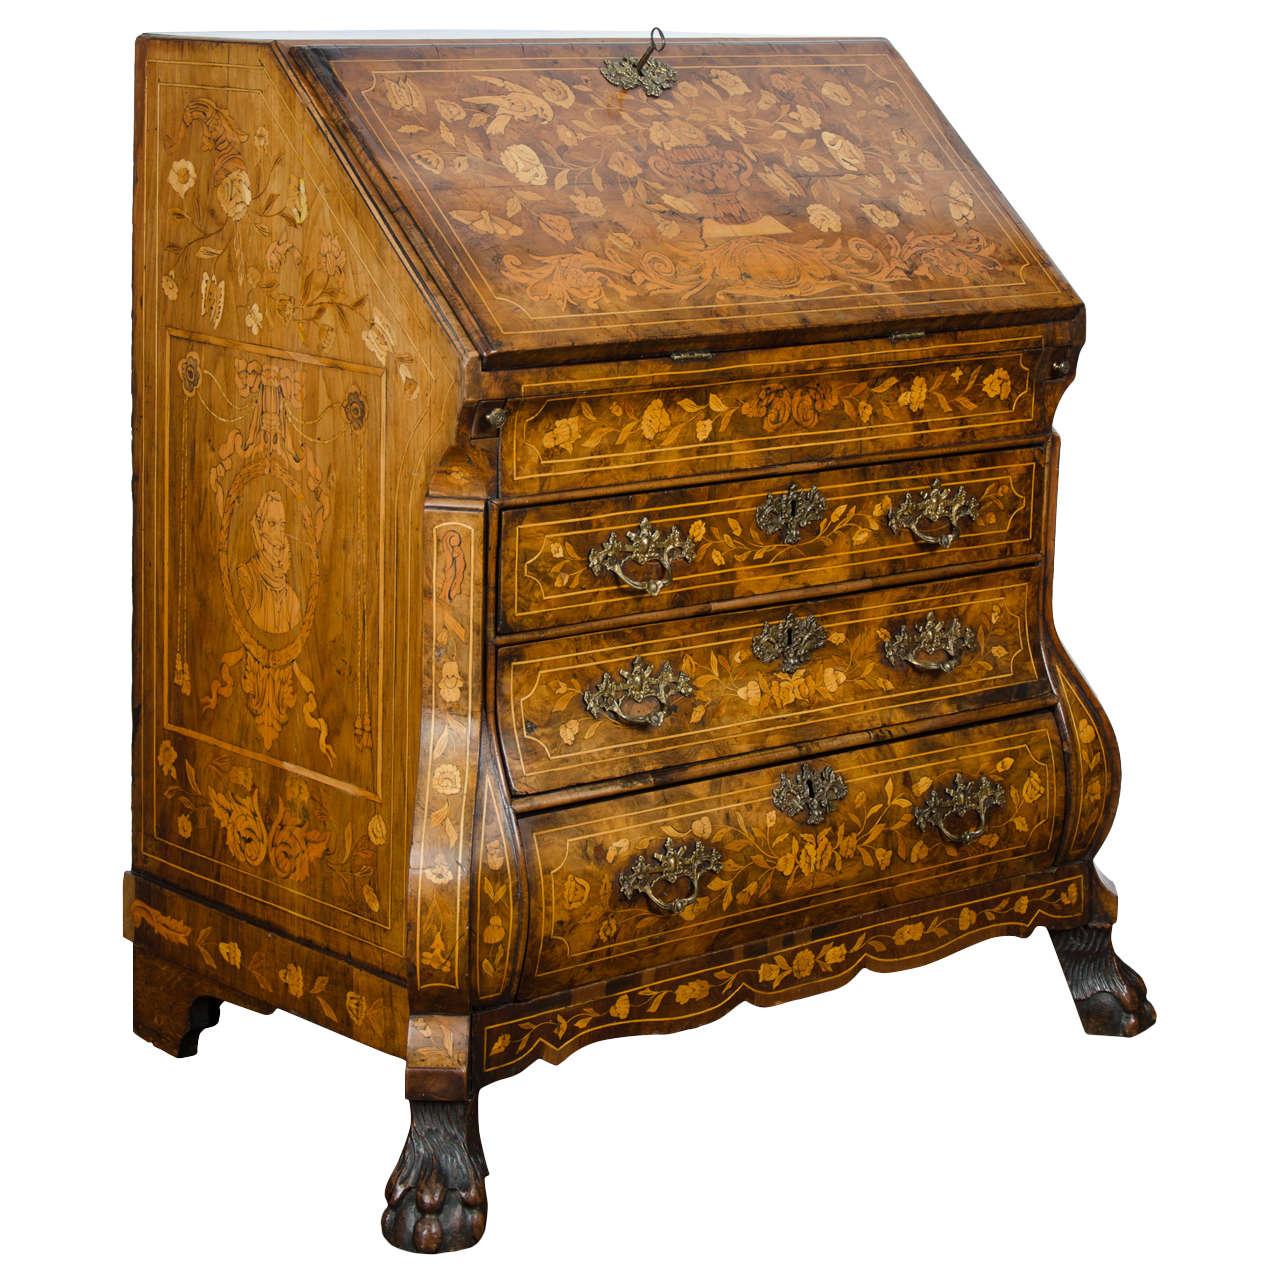 18th Century Walnut Dutch Marquetry Bureau 1. 18th Century Walnut Dutch Marquetry Bureau For Sale at 1stdibs